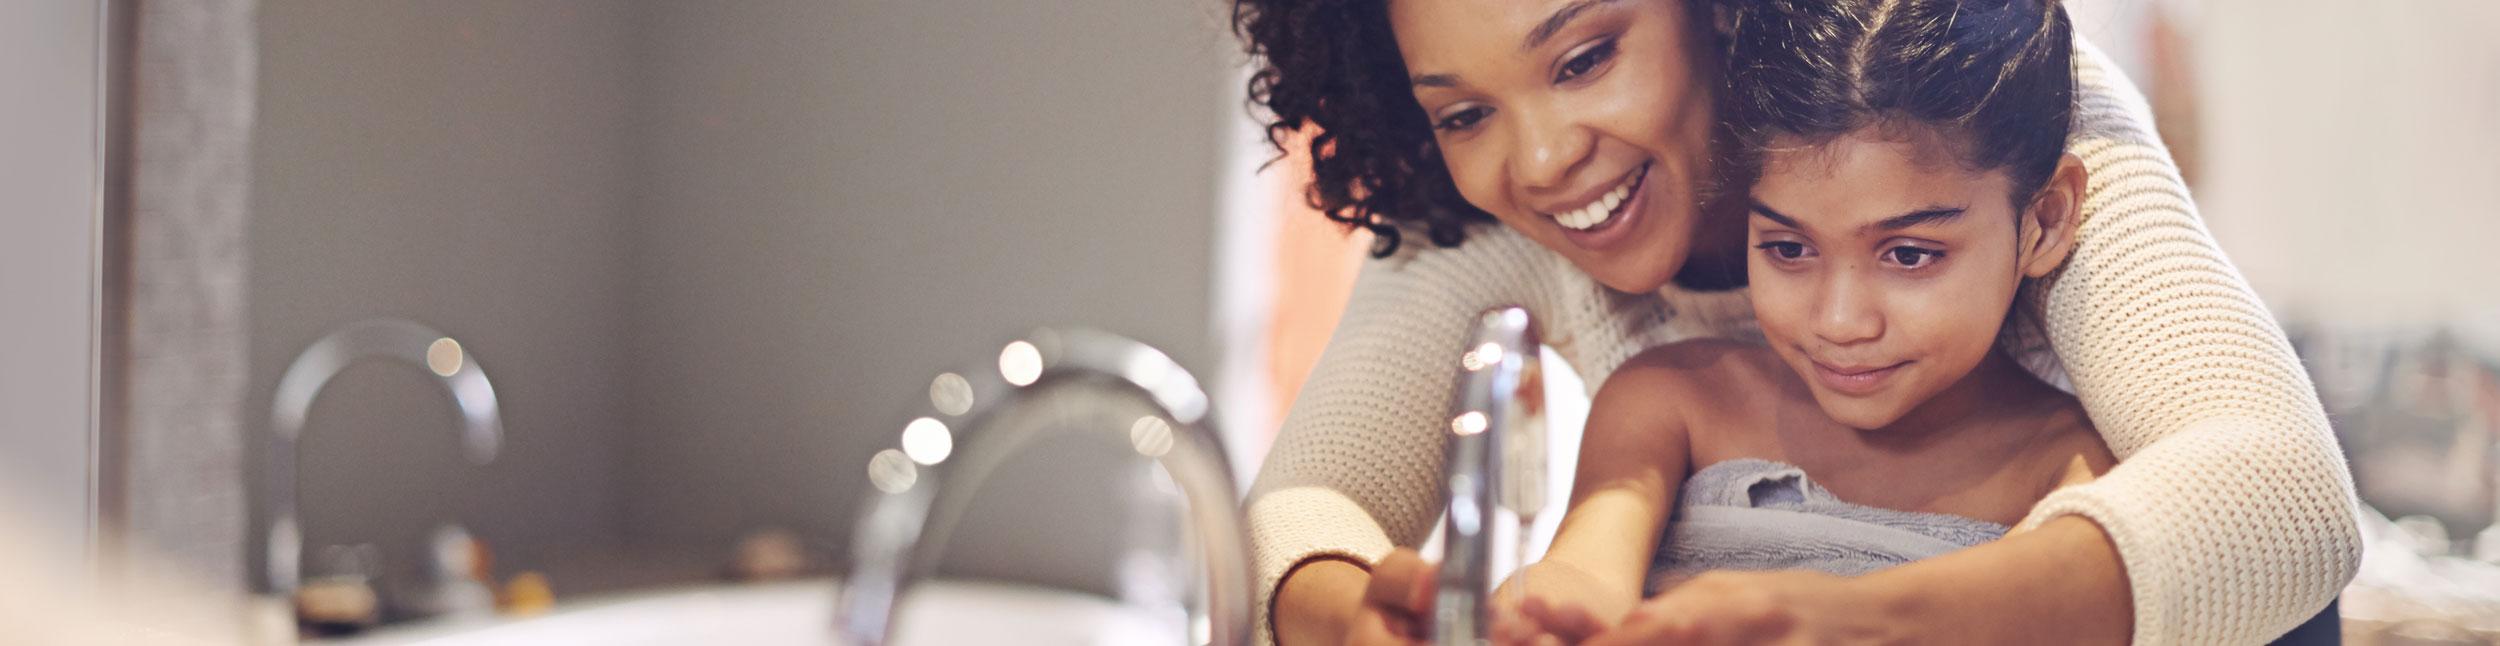 Mutter mit Ihrem Mädchen vor einem Lavabo am Händewaschen. Urs Metzger AG ist Ihr Partner in Sachen Sanitär.